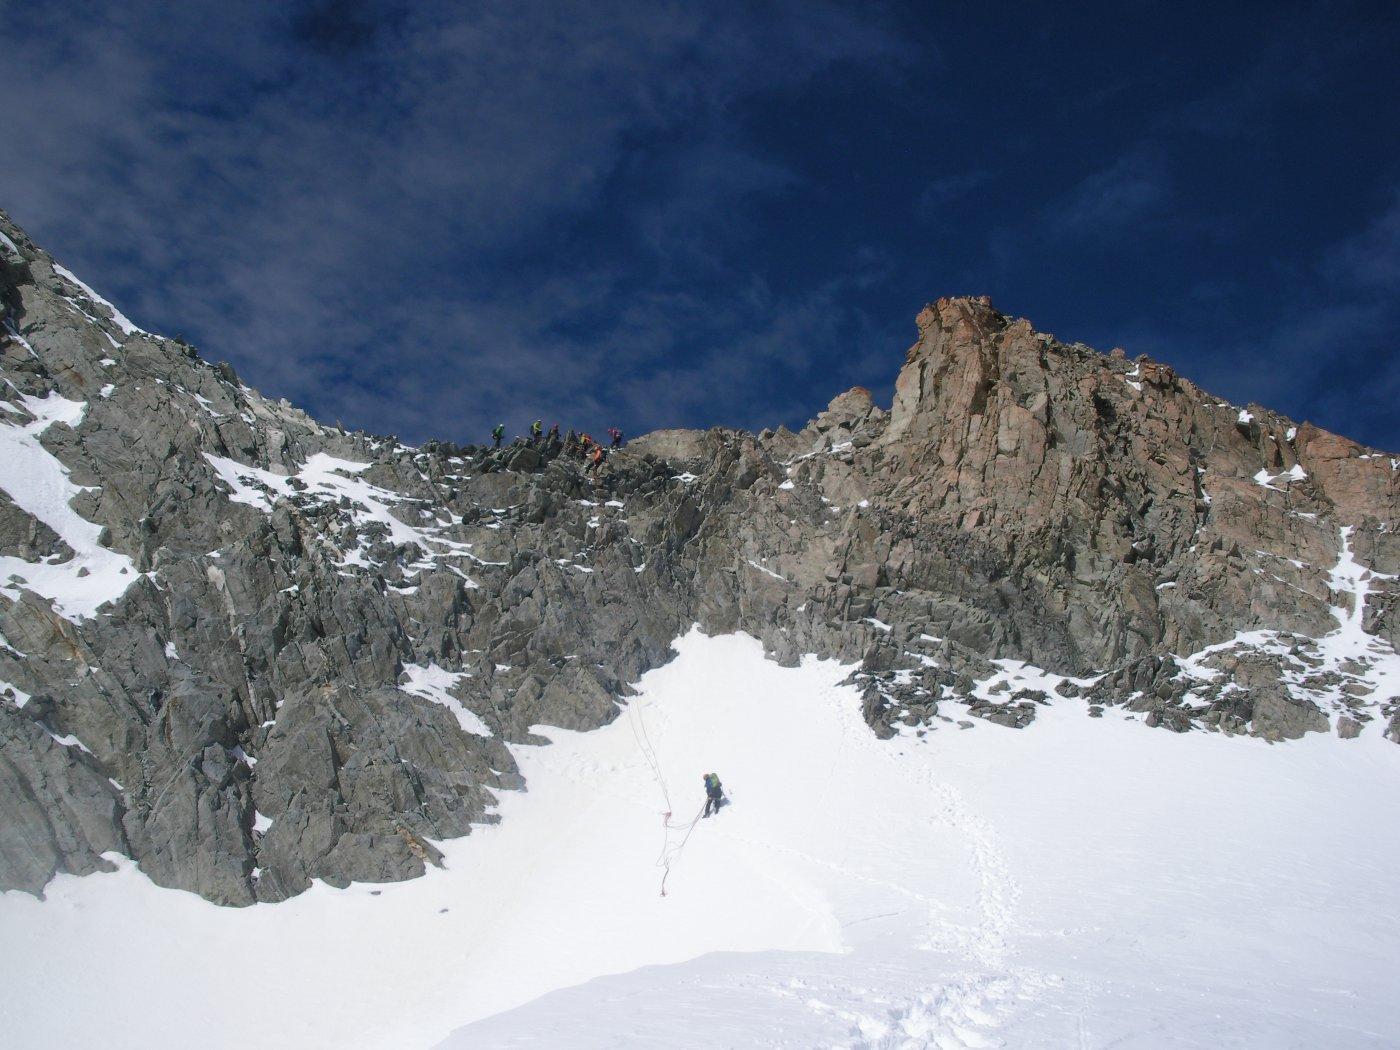 la parte finale rocciosa dell'Eveque..dalla spalla nevosa..